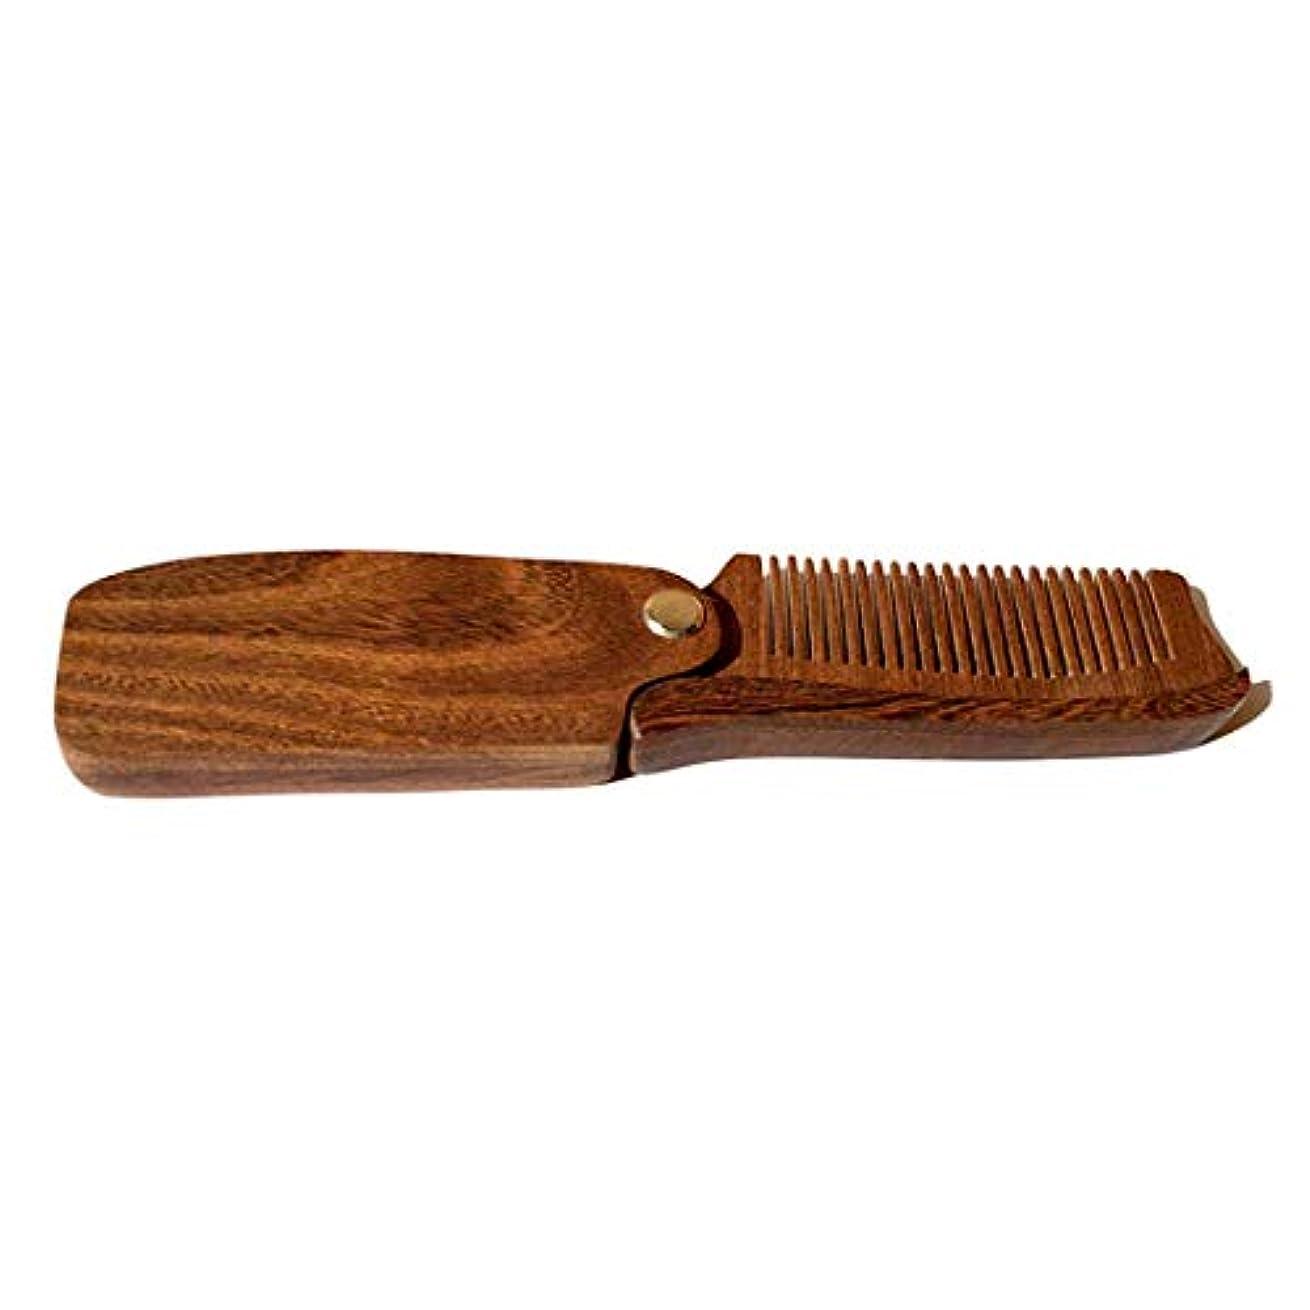 寛解急流部門Guomao 折りたたみ木製櫛男性の髪、ひげと口ひげスタイリング櫛 (色 : Wood color)